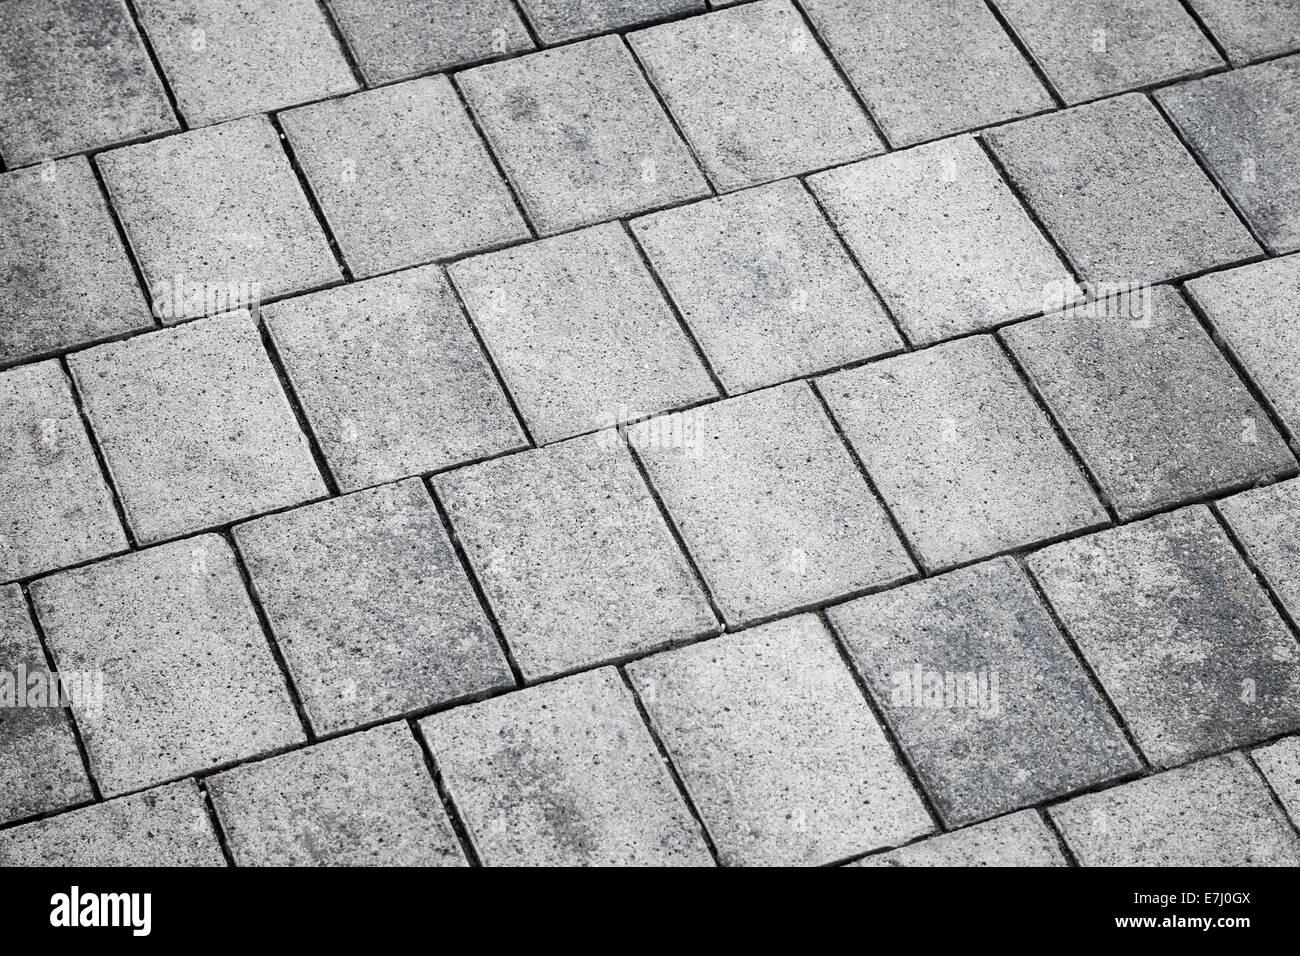 Grigio piastrelle di calcestruzzo pavimentazione urbana texture di